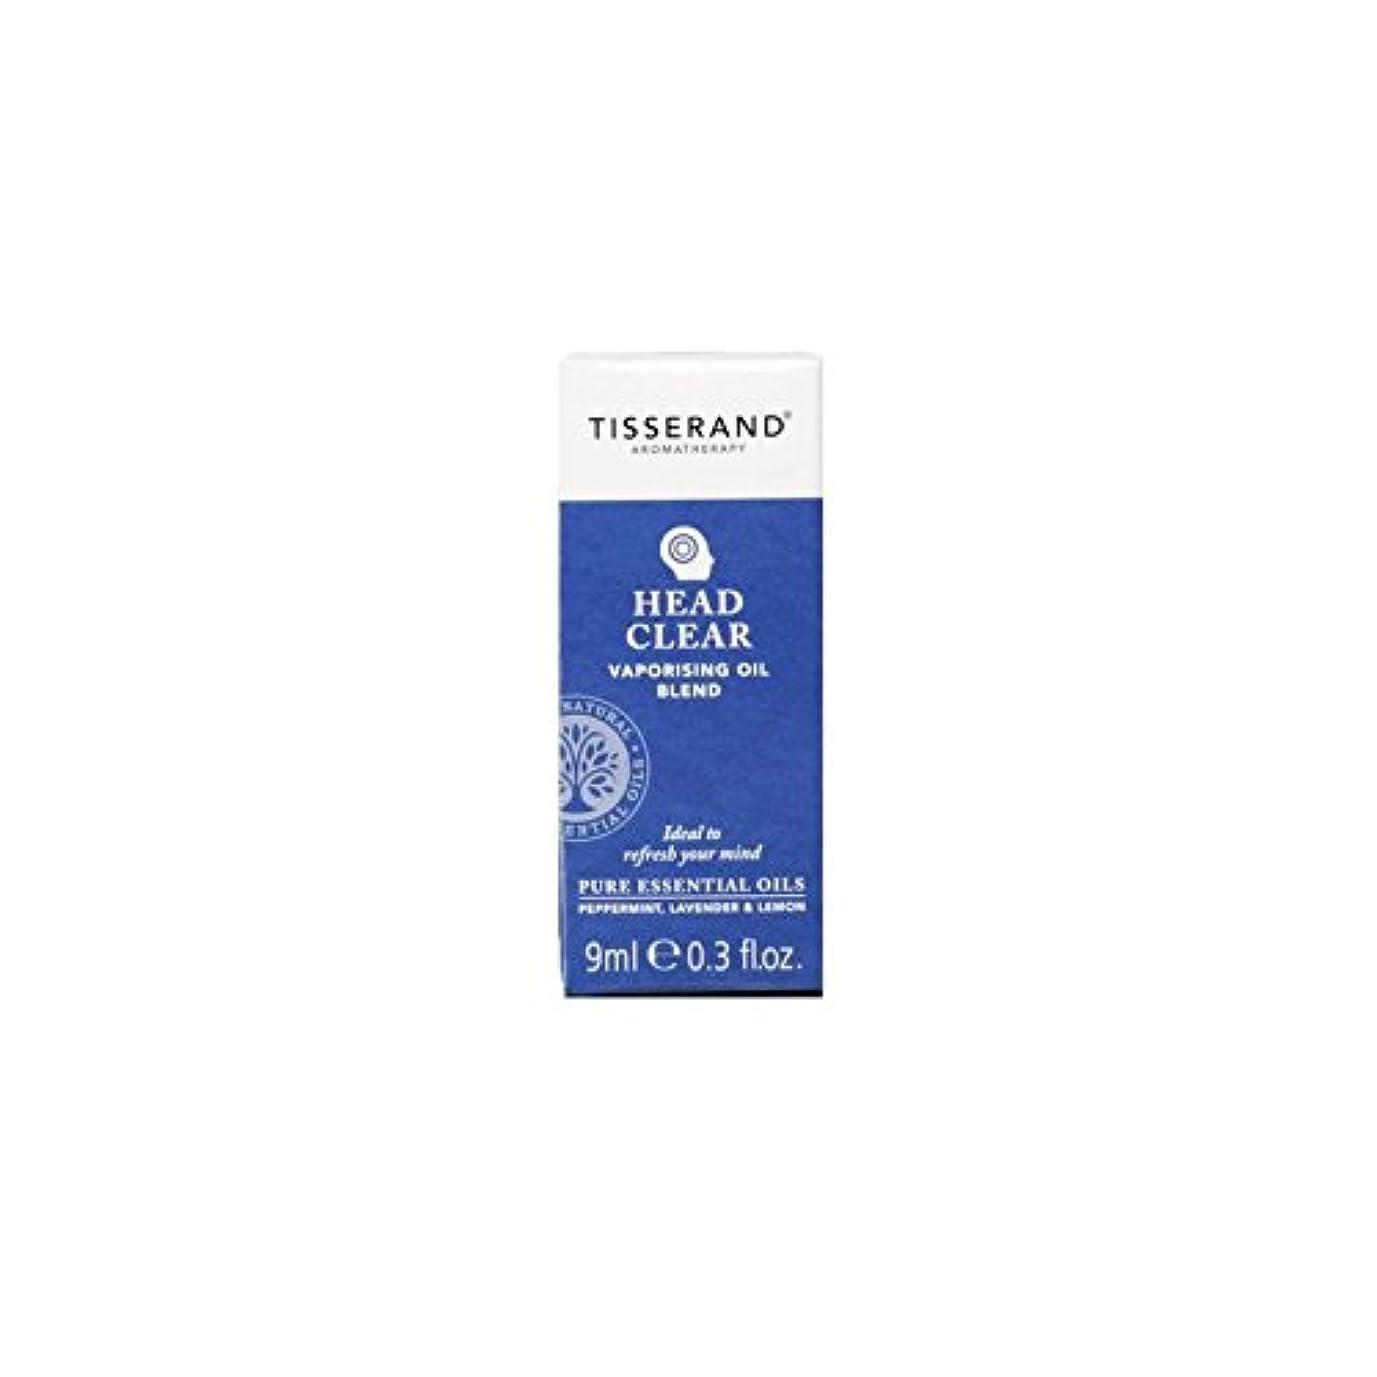 九月食品熟練したヘッド明確な気化油の9ミリリットル (Tisserand) (x 2) - Tisserand Head Clear Vaporising Oil 9ml (Pack of 2) [並行輸入品]